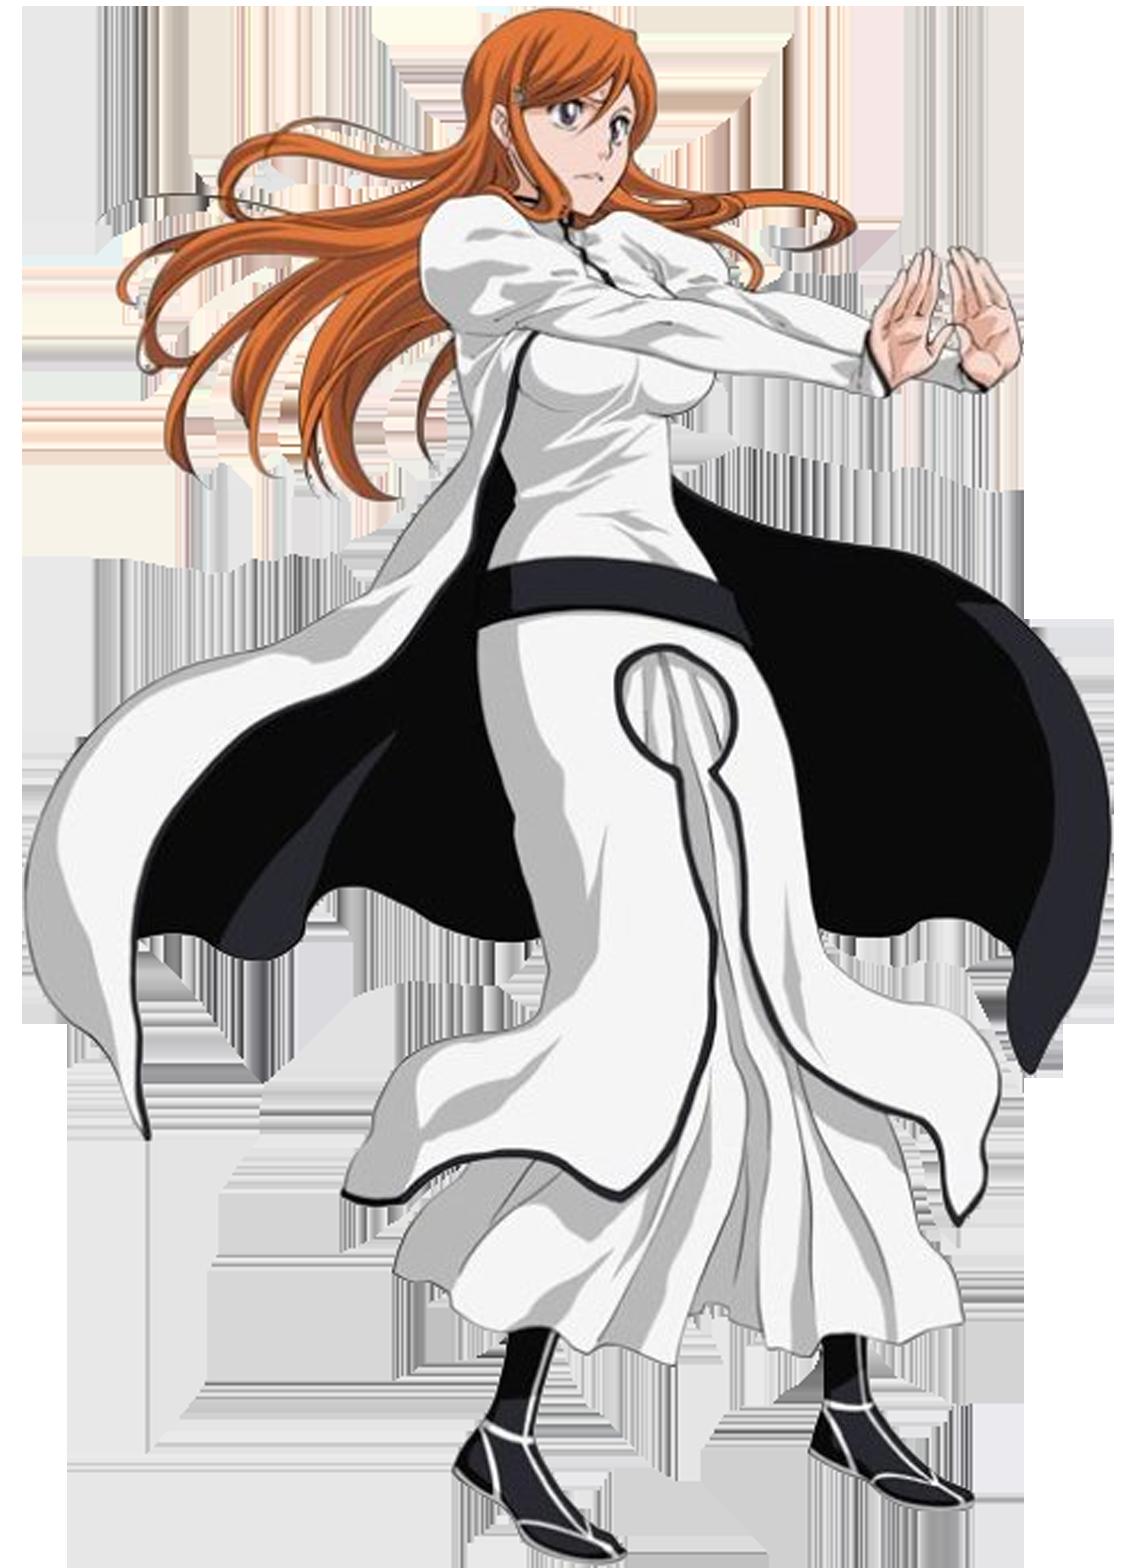 Orihime Inoue Arrancar's Arc Anime, Desenho personagem